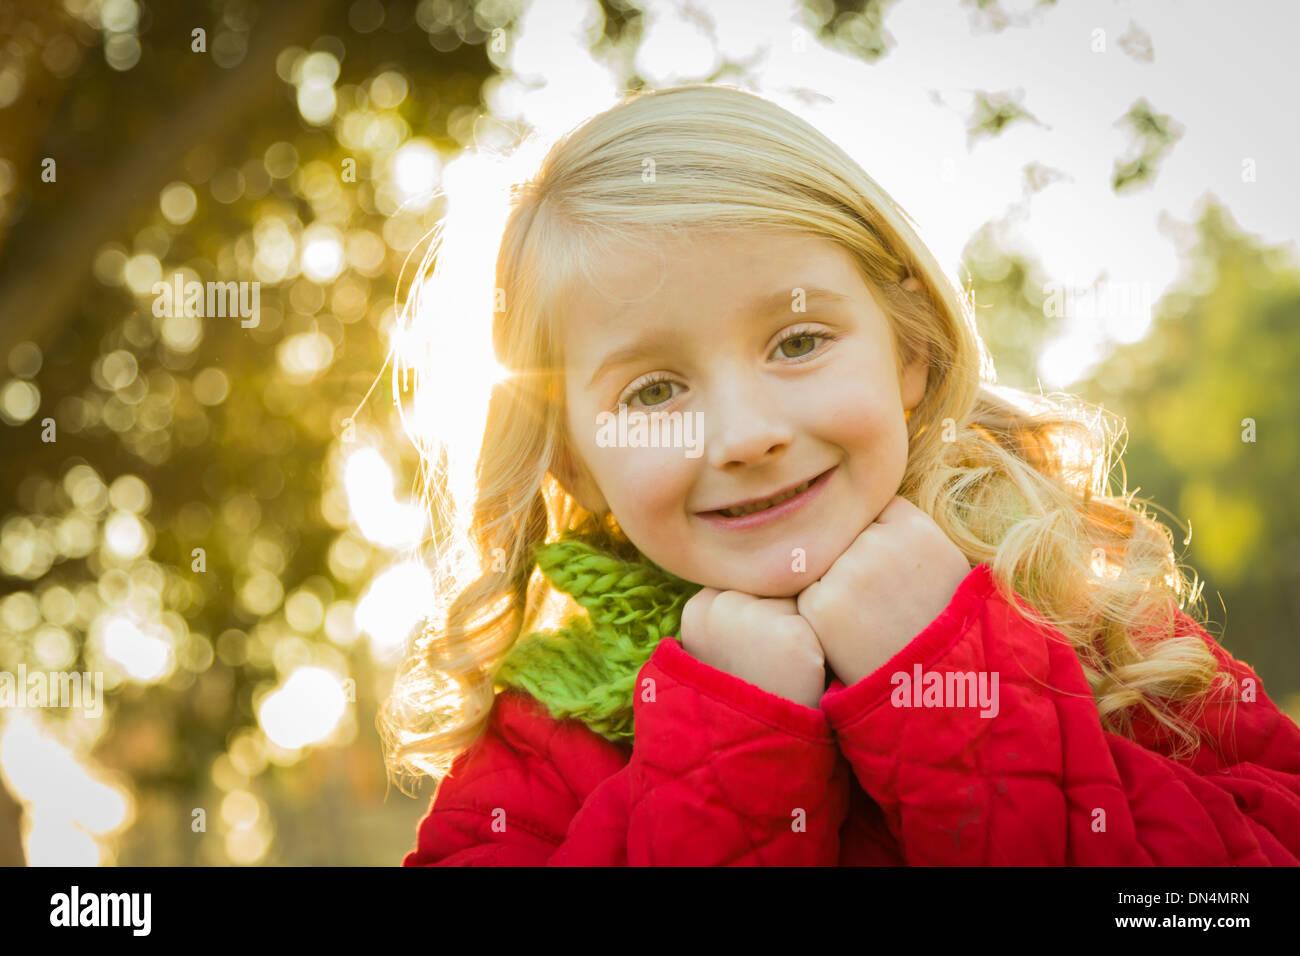 Sweet Little Girl Wearing Scarf manteau d'hiver et en plein air au parc. Photo Stock